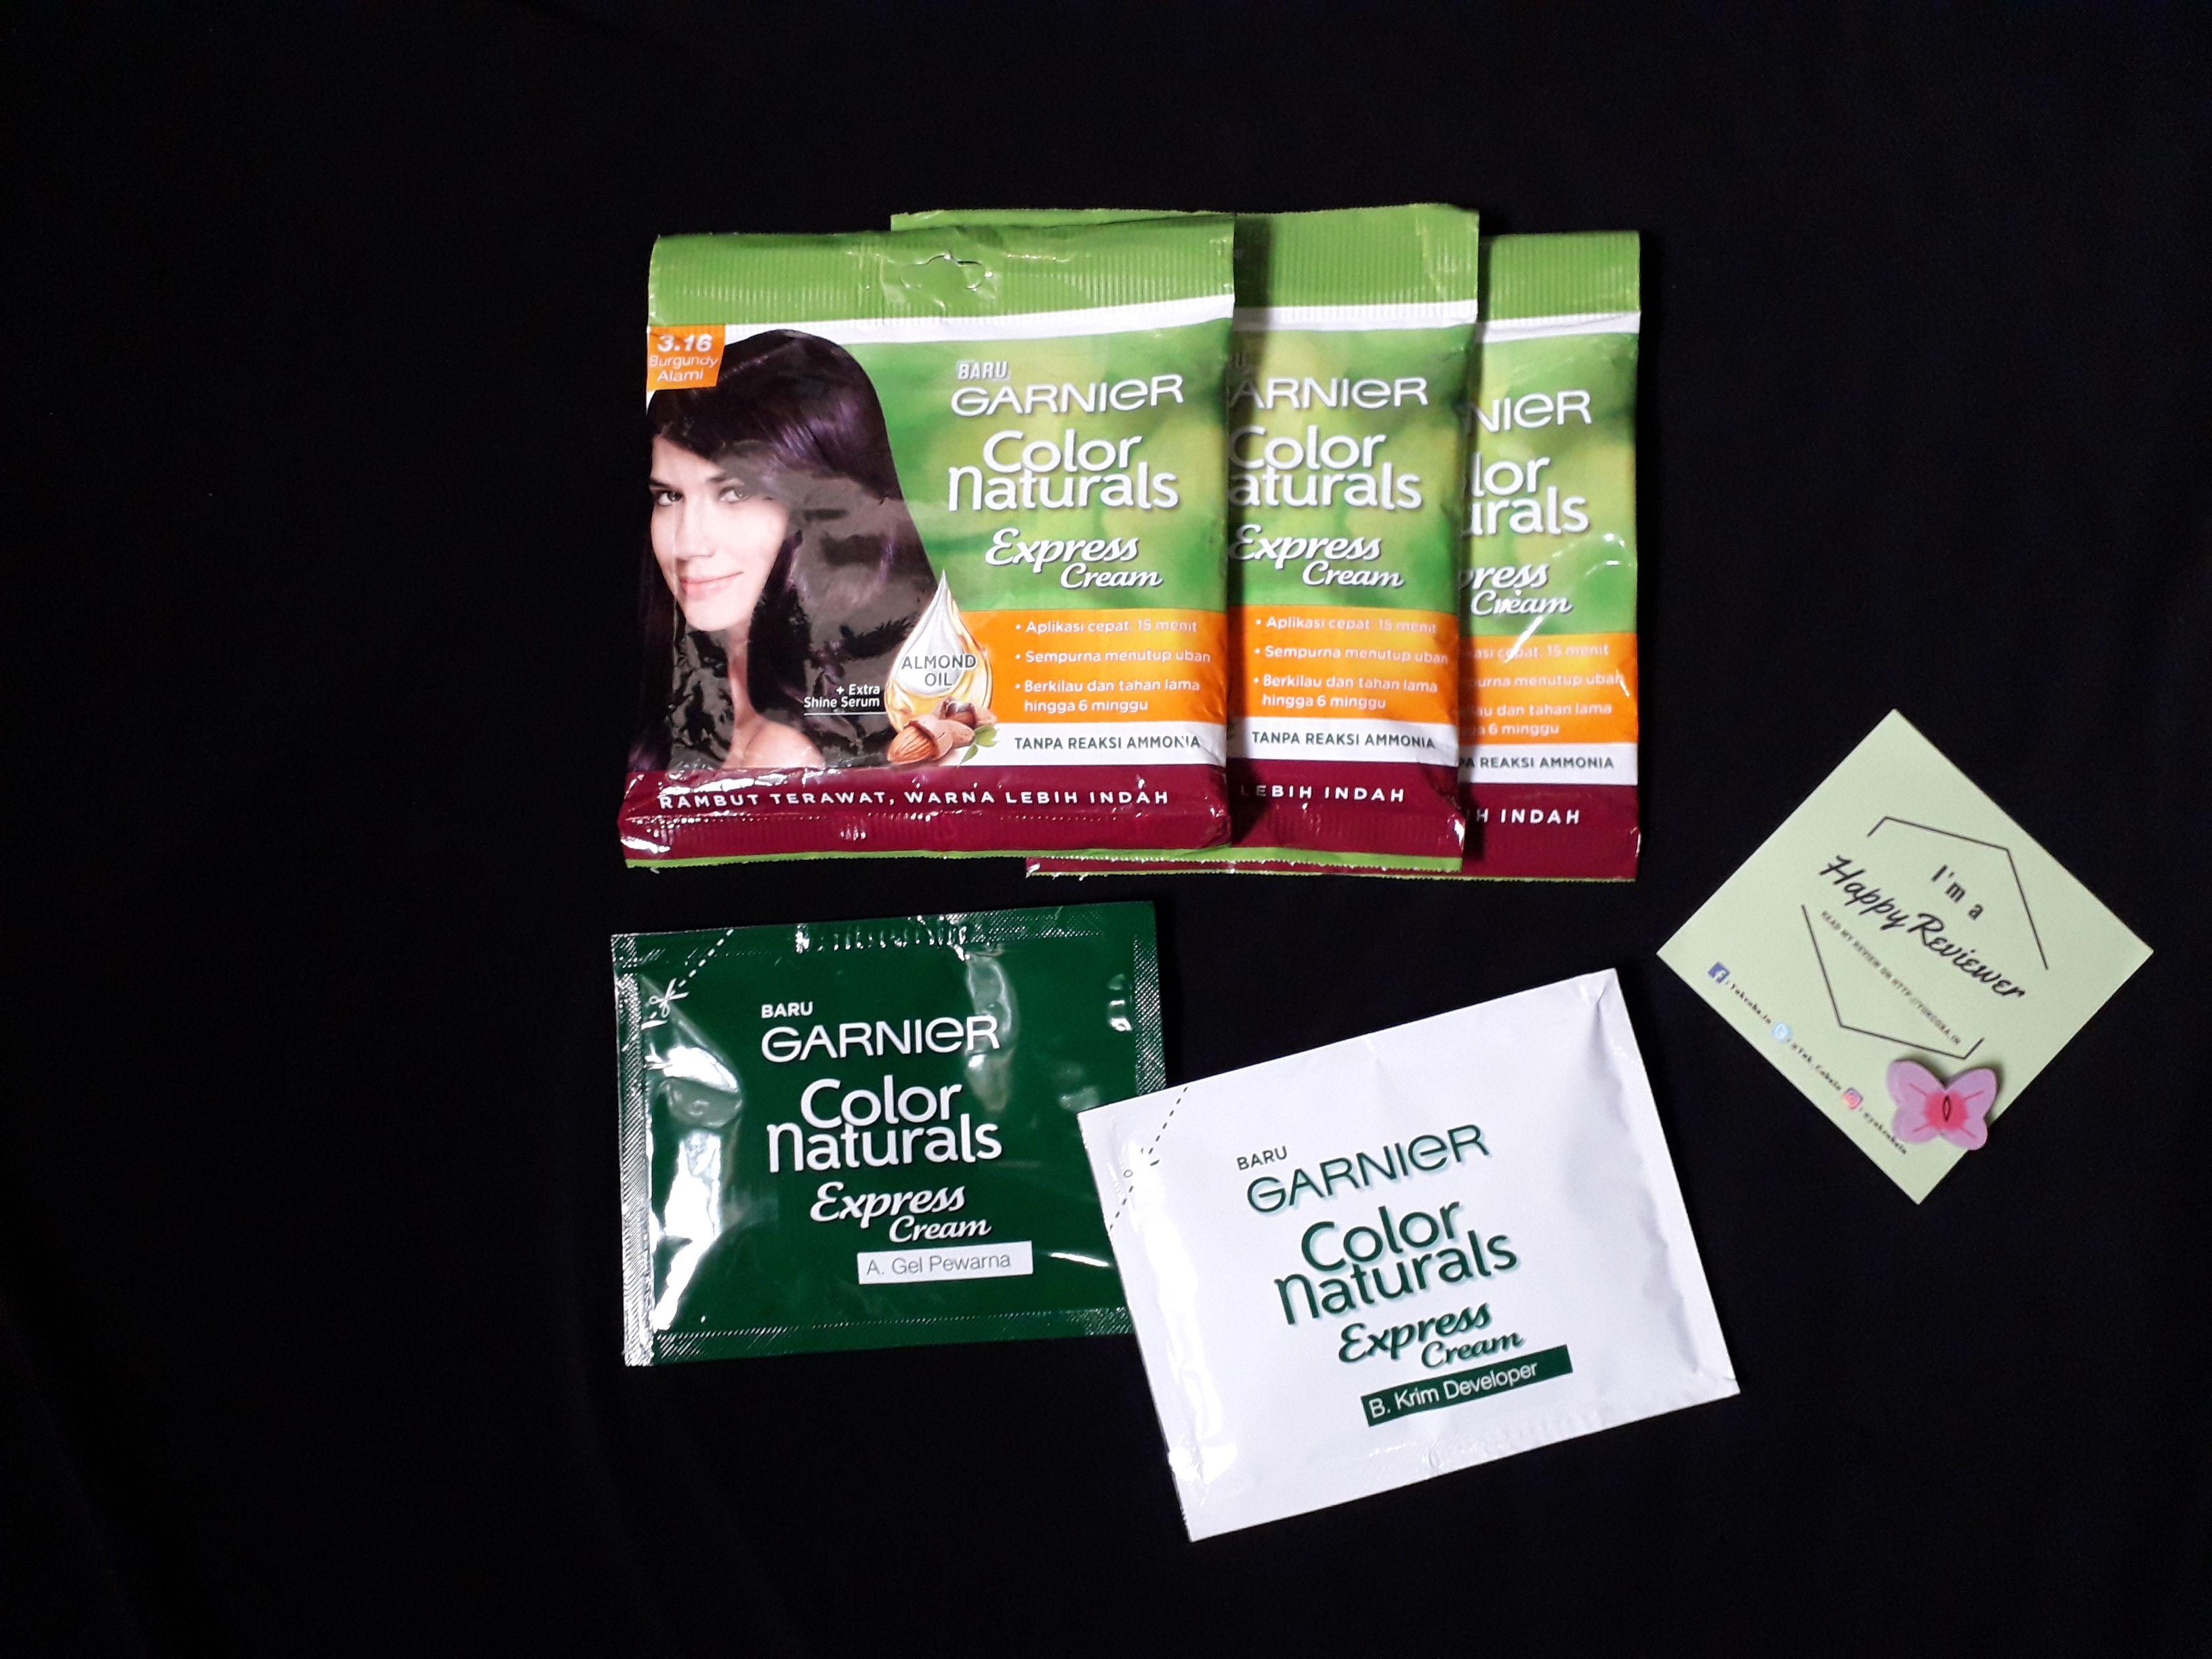 gambar review ke-2 untuk Garnier Color Naturals Express Cream